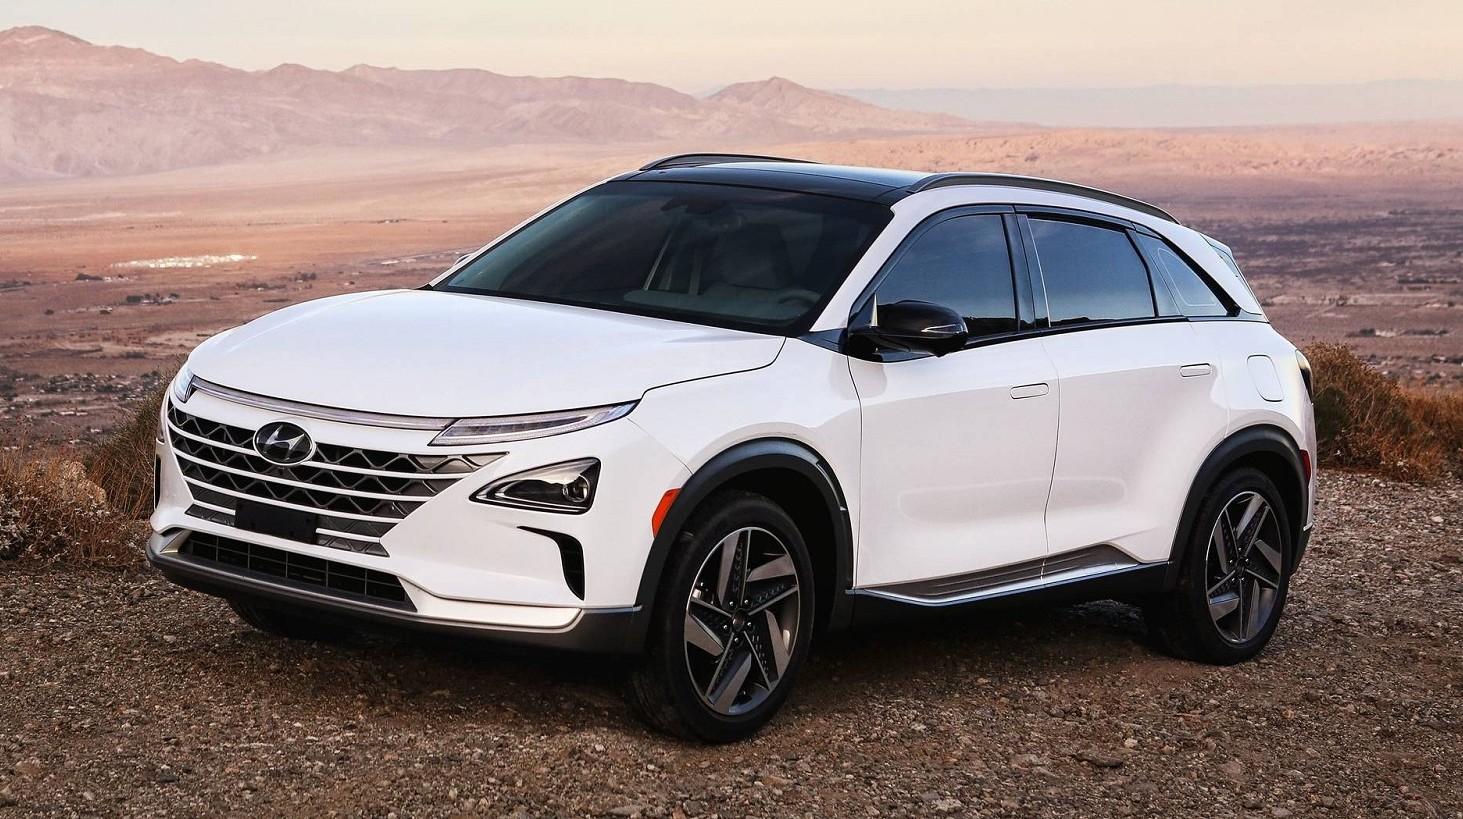 Hyundai Nexo, Hyundai Tucson, Hyundai Sa